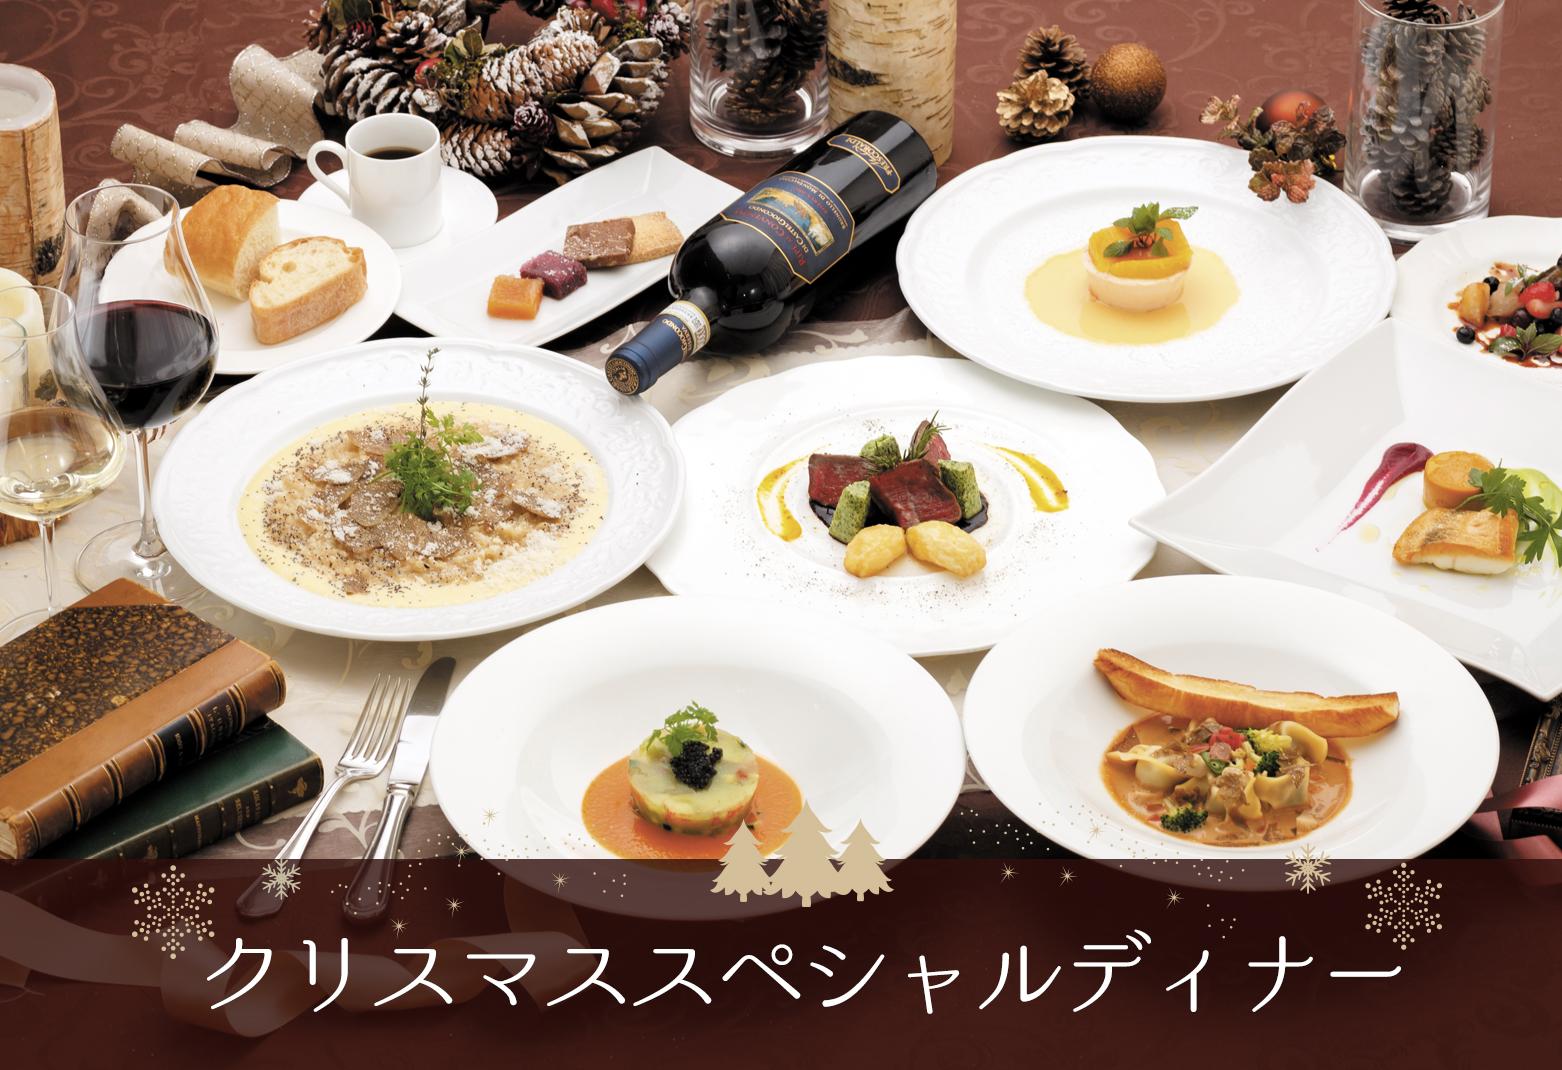 クリスマススペシャルディナー